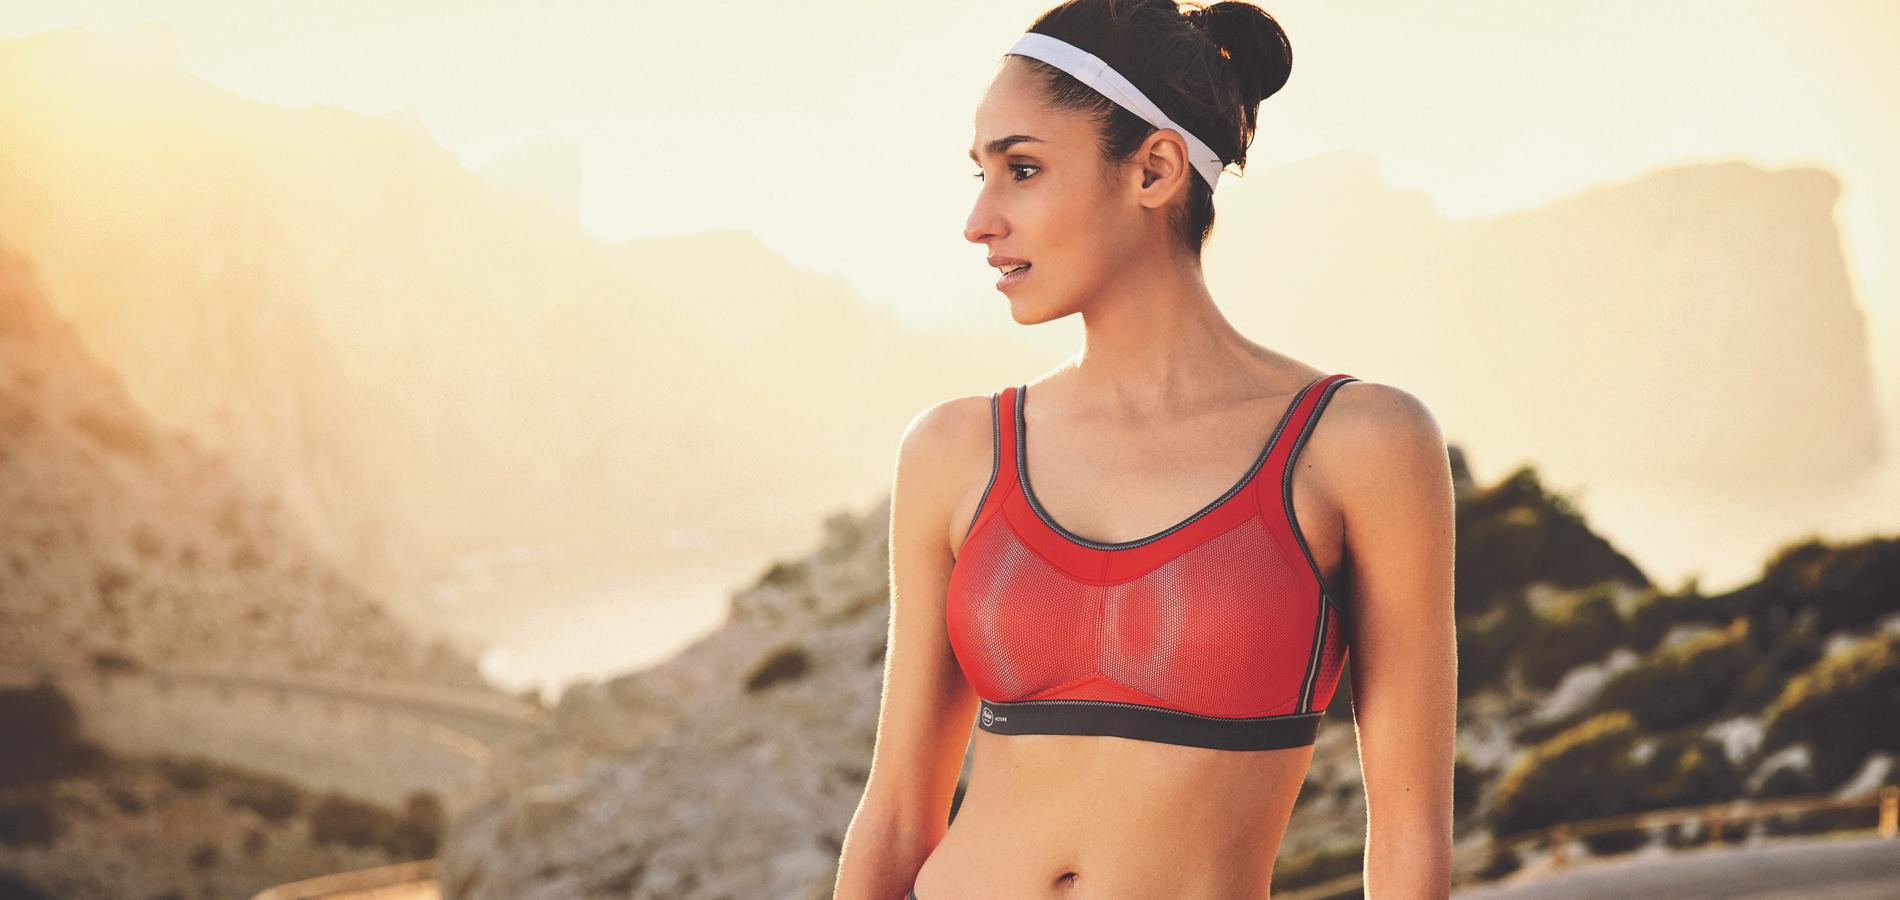 Porter une brassière ou un soutien-gorge de sport est indispensable lorsque  l on court. Quelques règles simples sont à respecter pour courir en toute  ... 7a6fbbce133